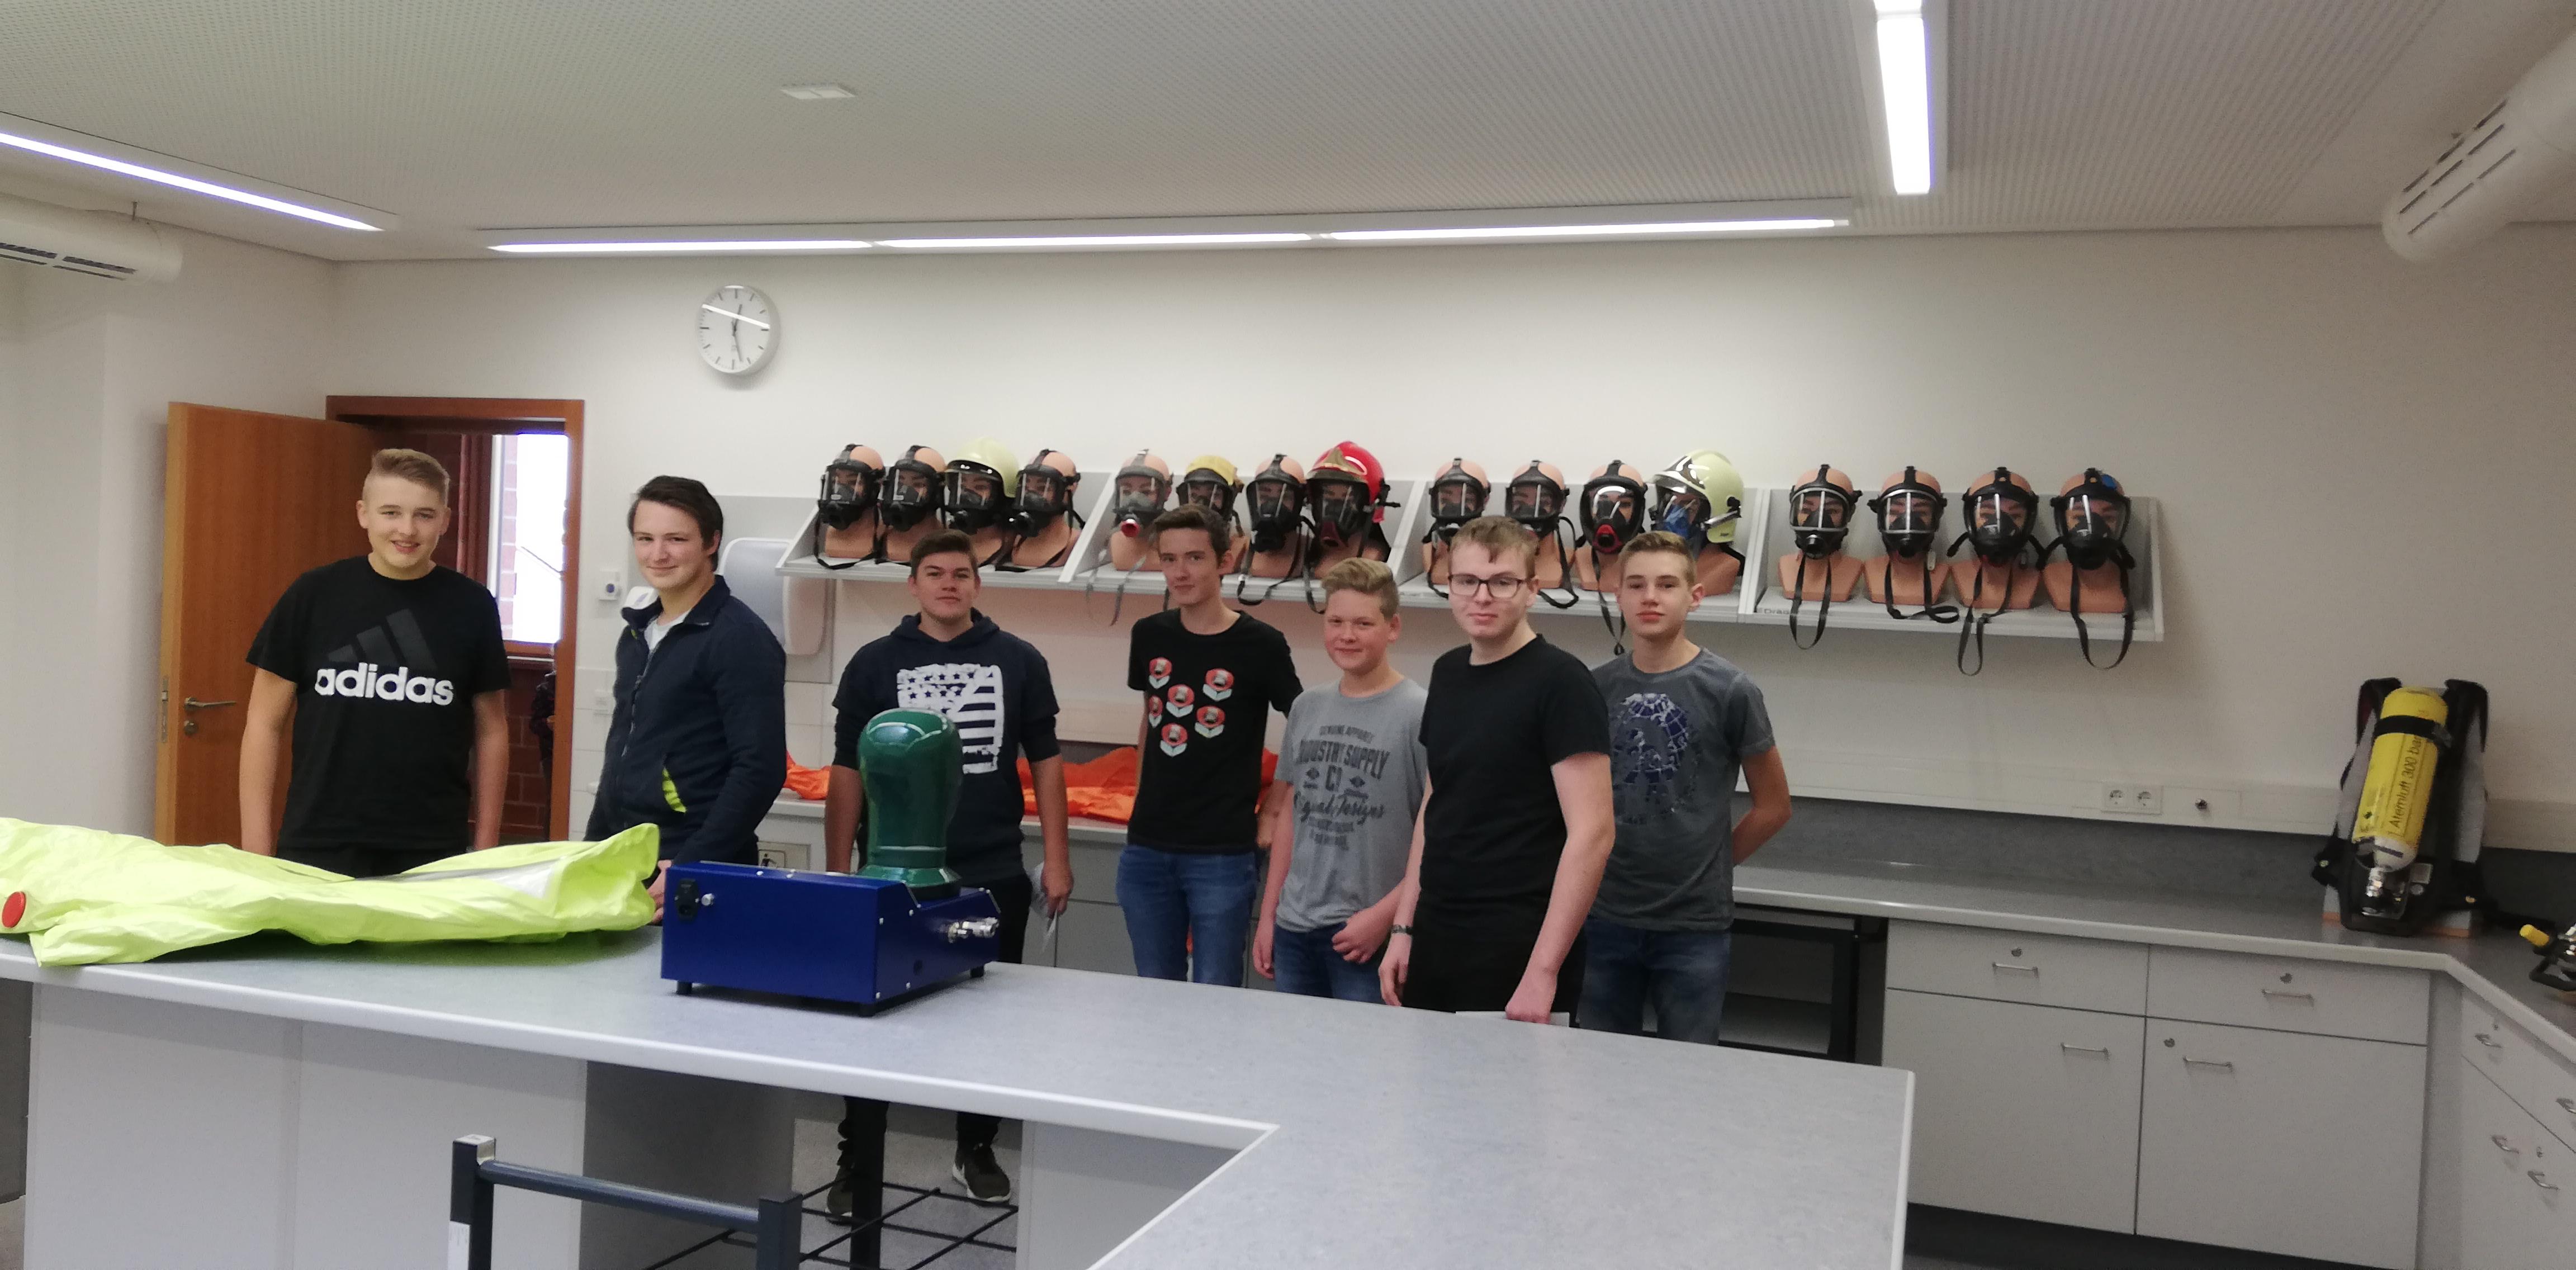 Feuerwehrschule Regensburg - Gruppenbild